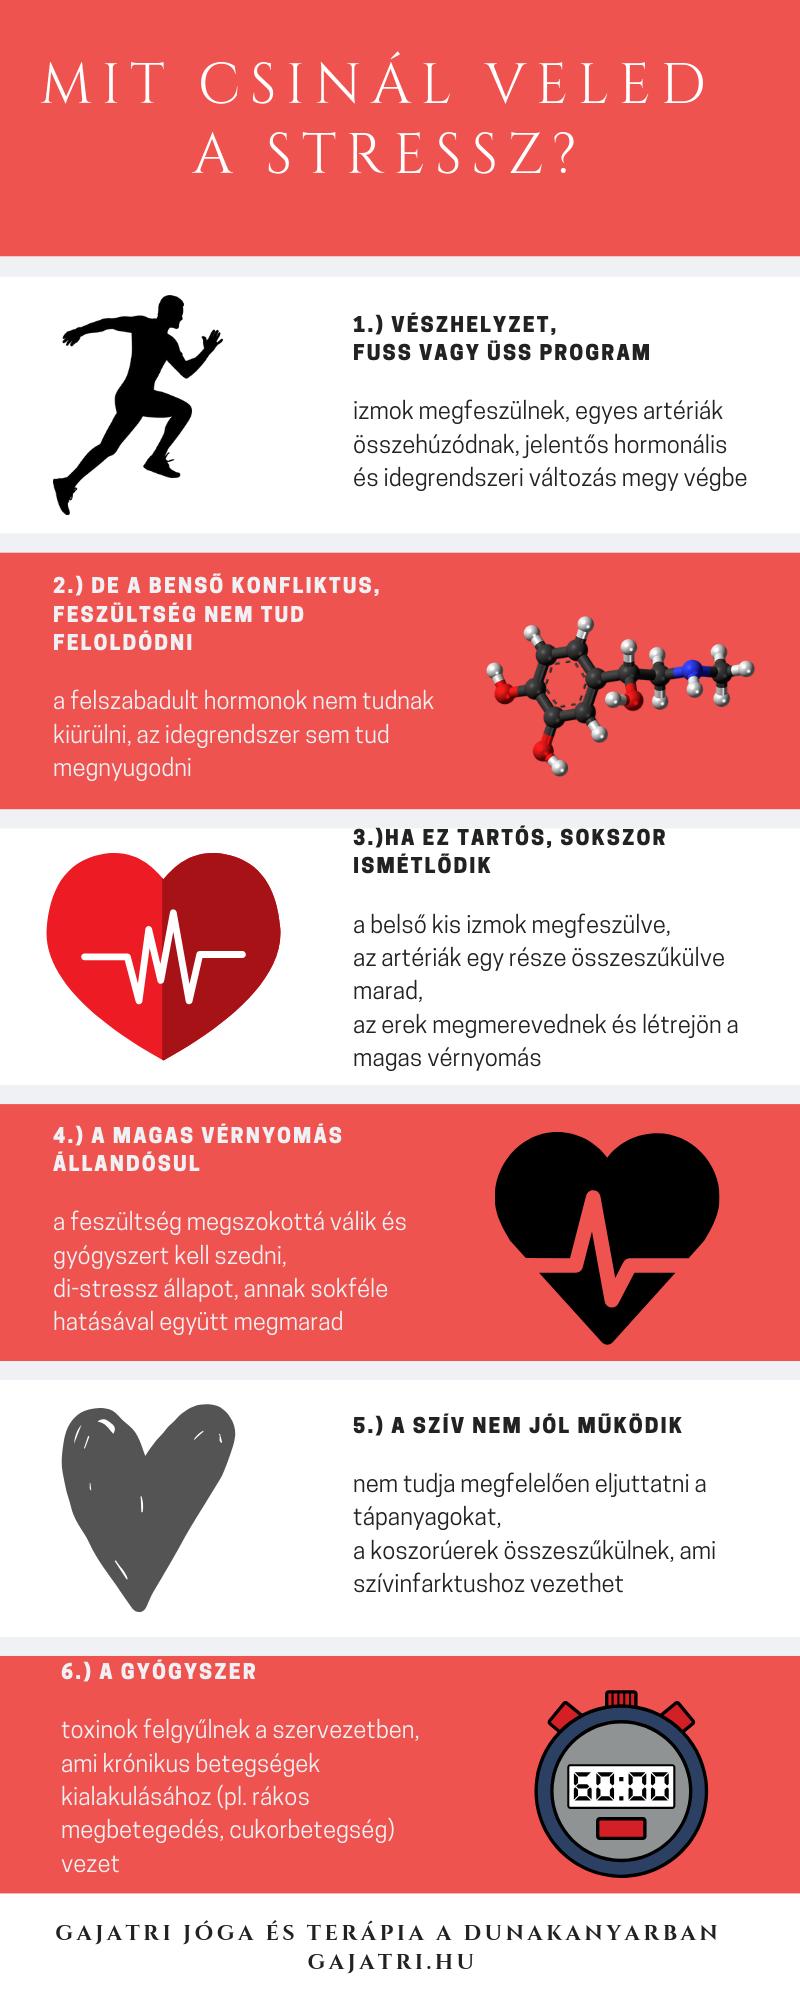 a magas vérnyomás a szív vagy az erek betegsége